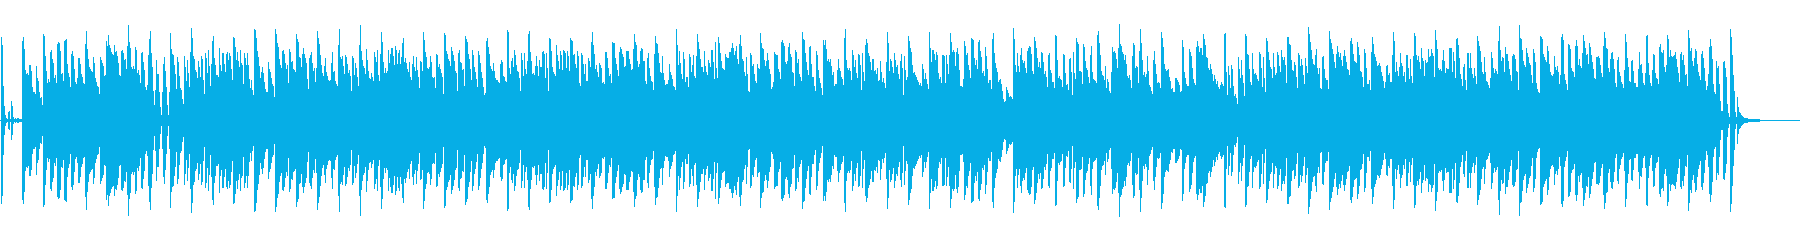 鮮明なメロディが頭に残るポップの再生済みの波形